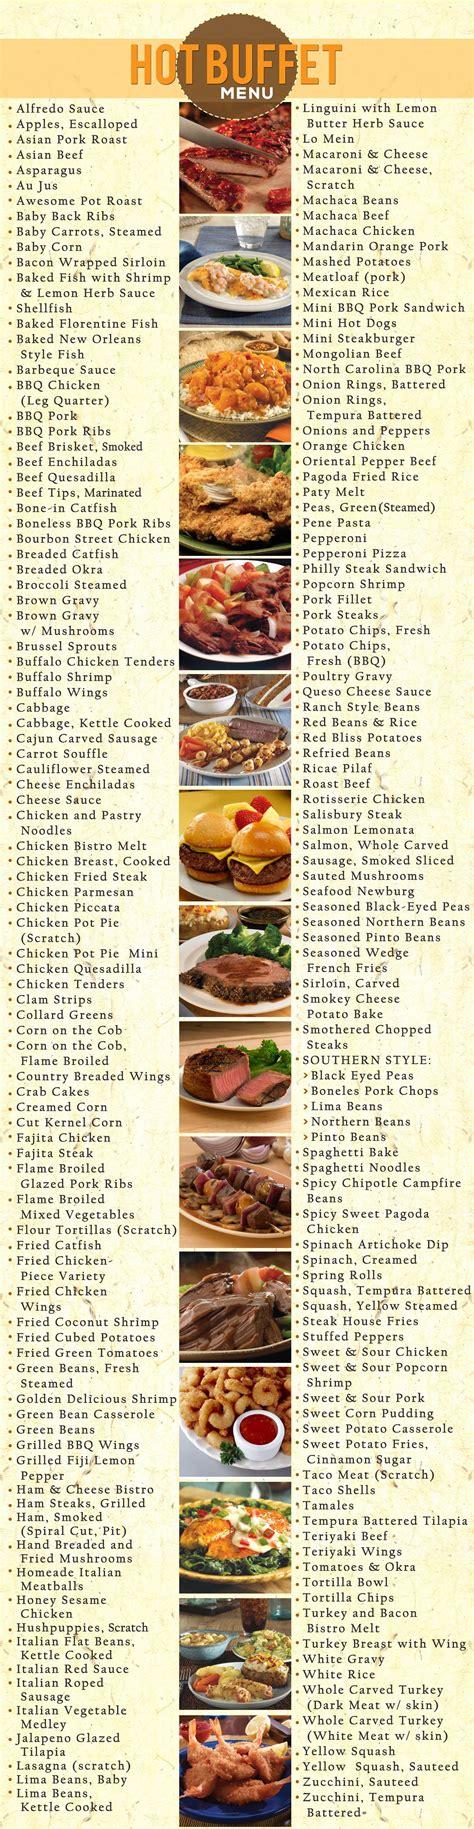 golden corral restaurant hot buffet